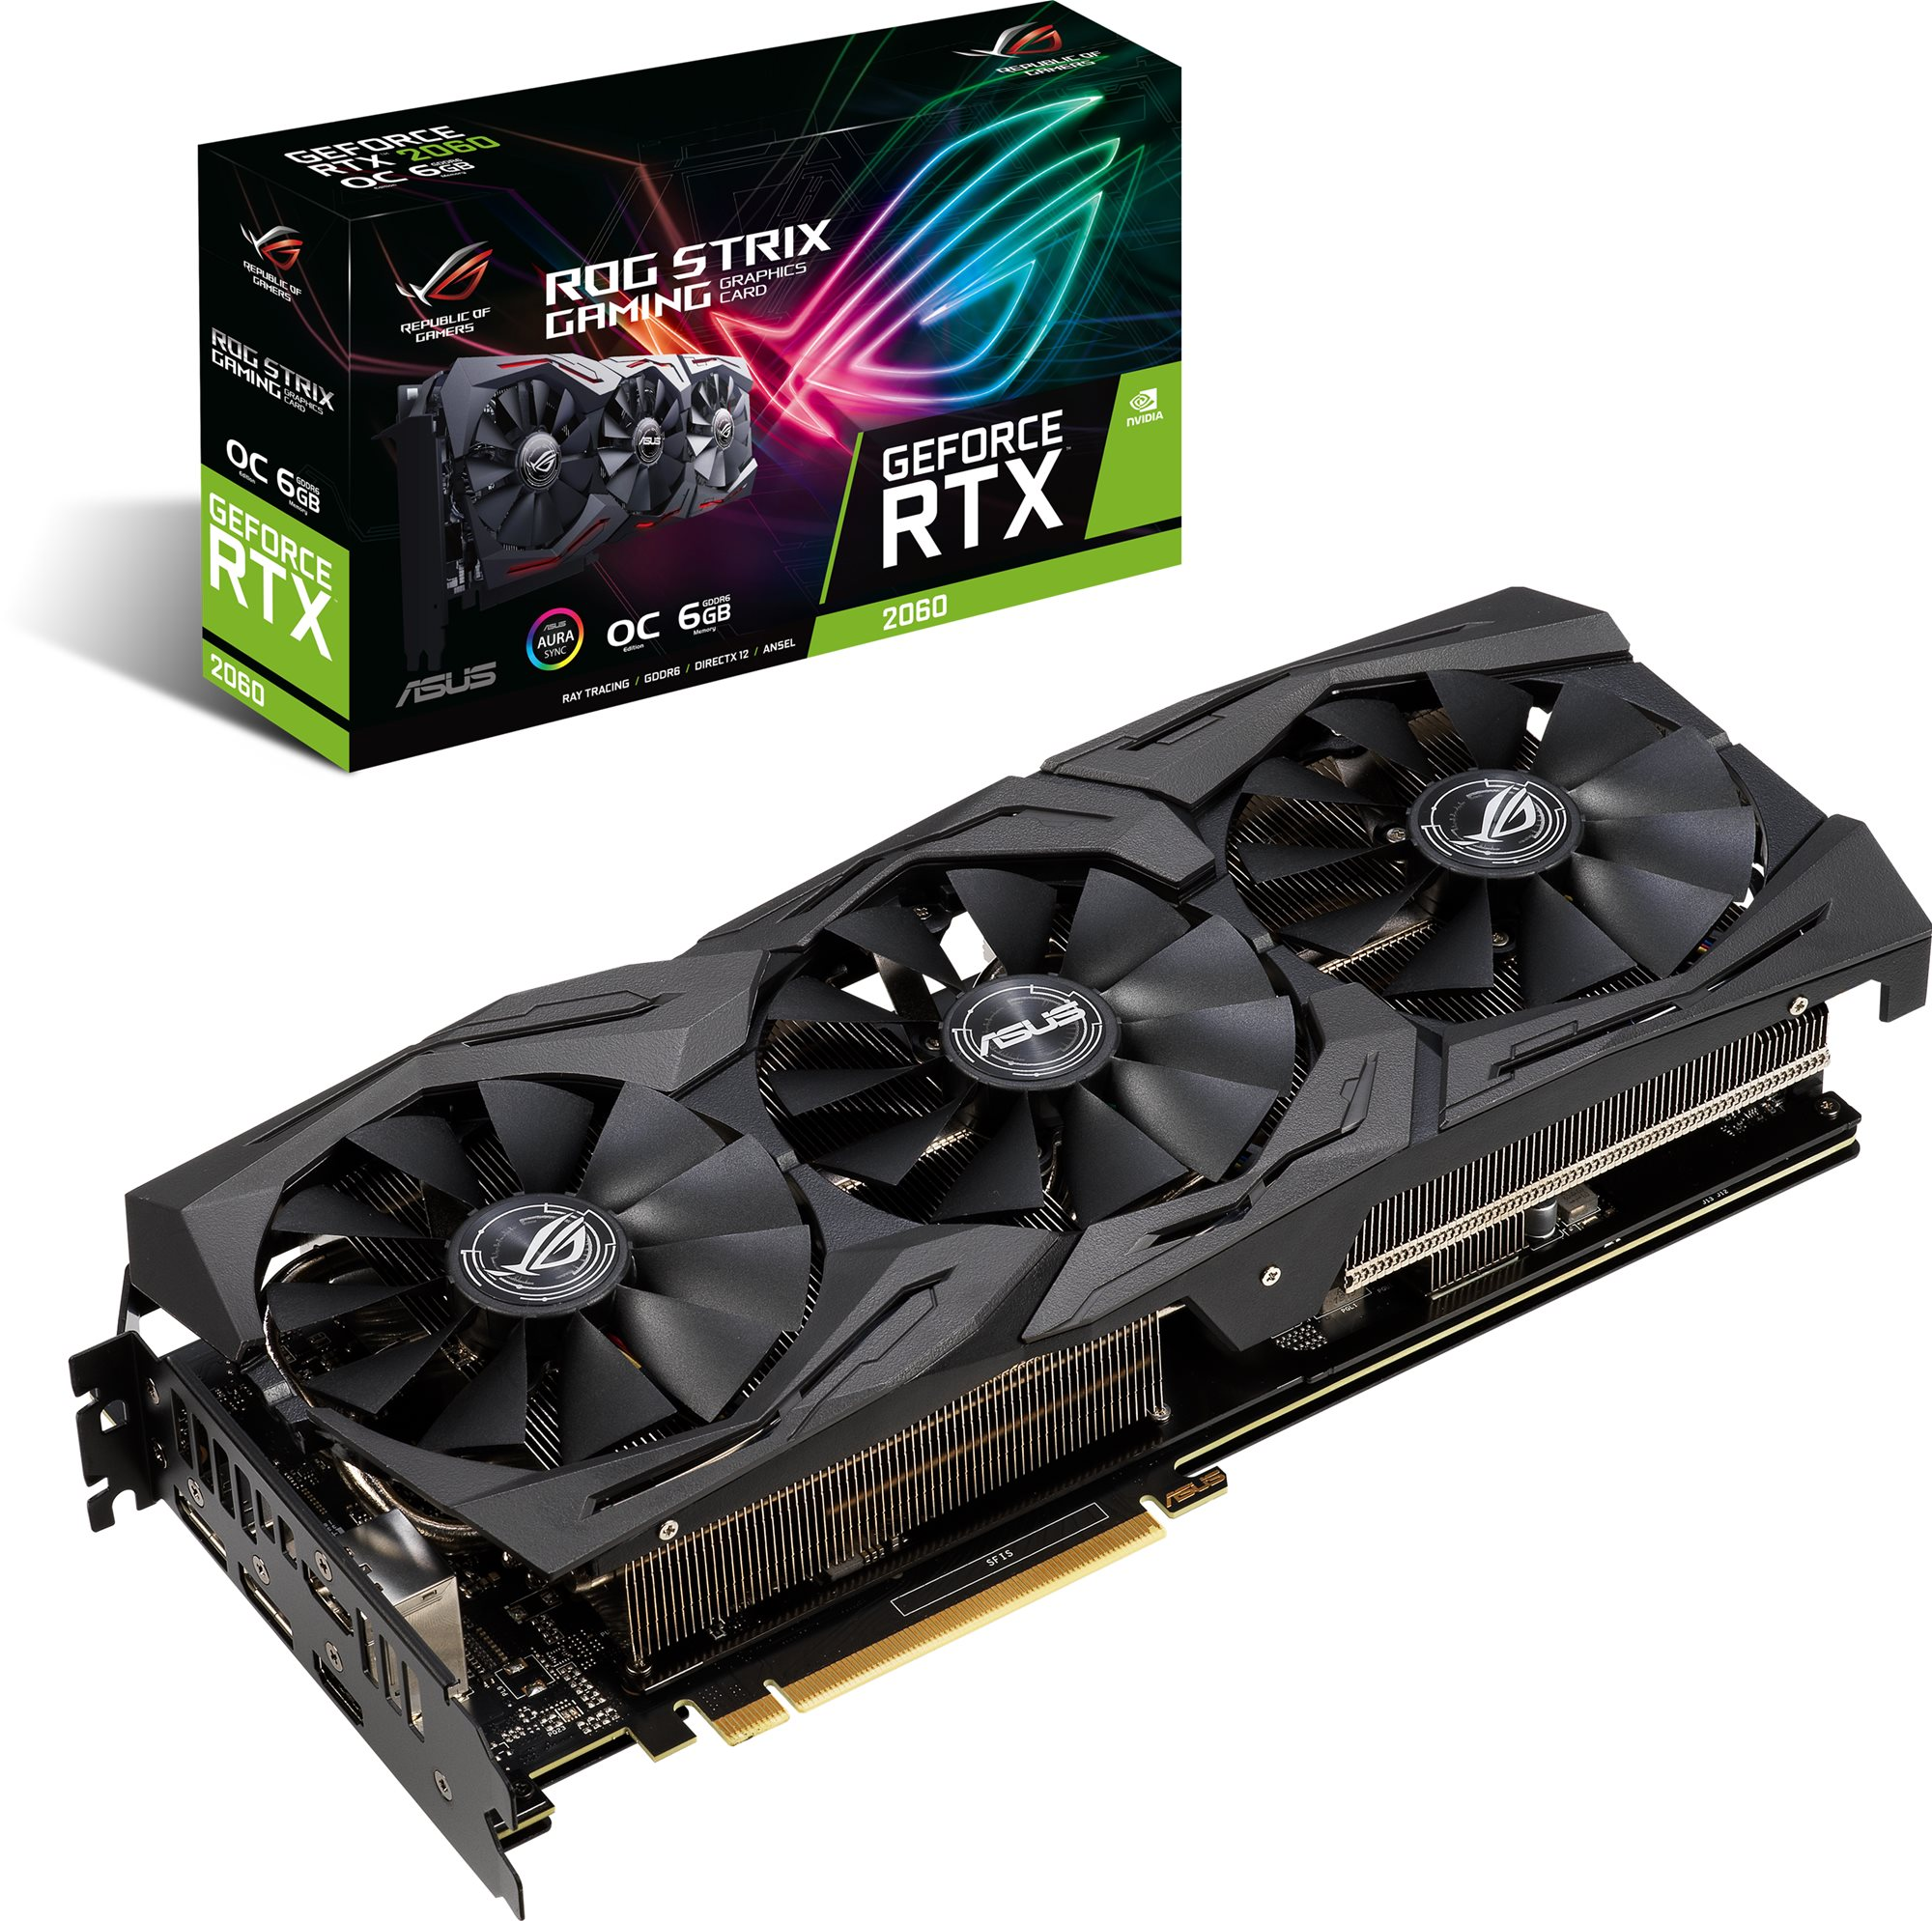 ASUS ROG STRIX GAMING GeForce RTX2060 O6G